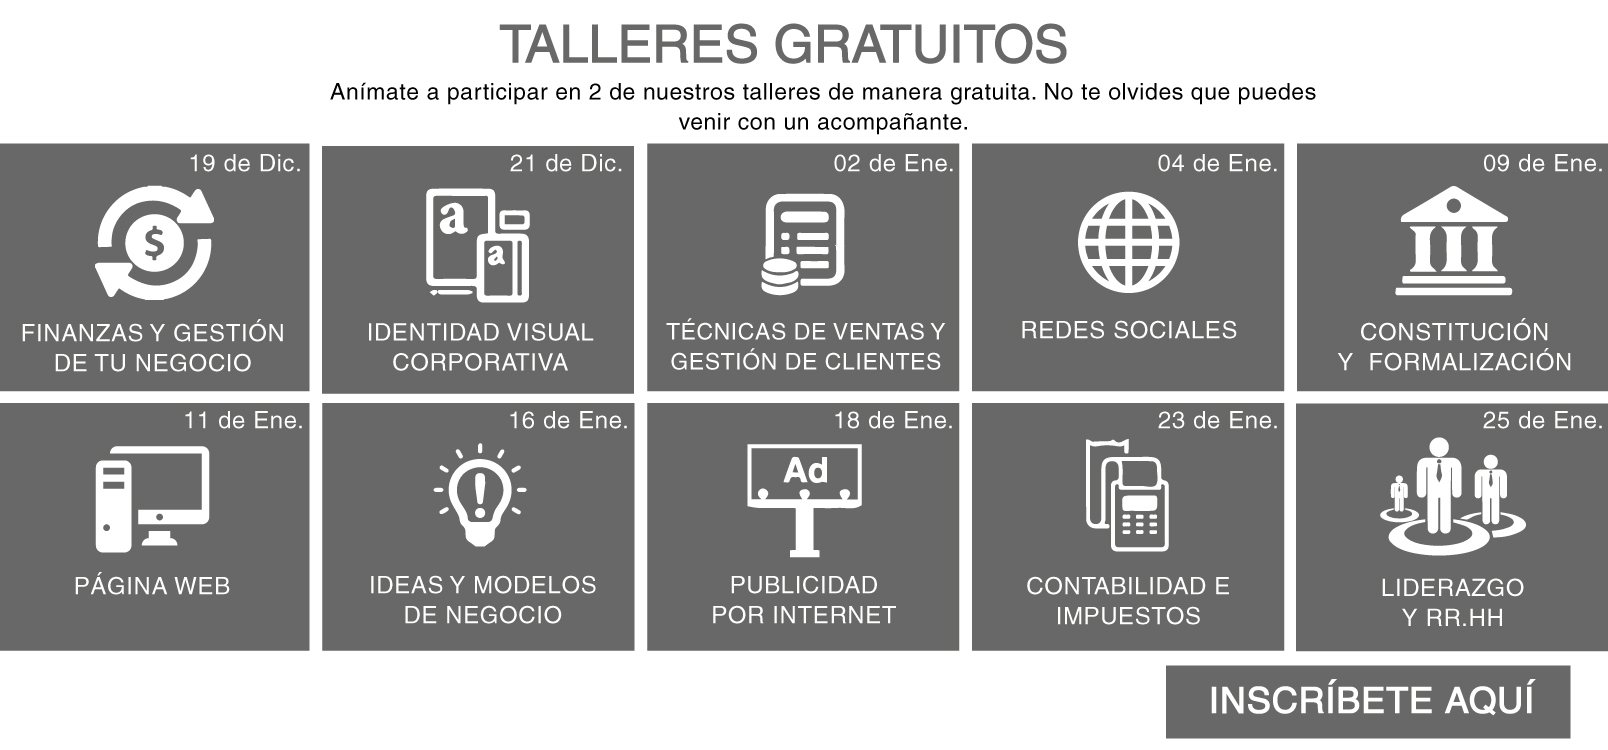 web_catalago-04